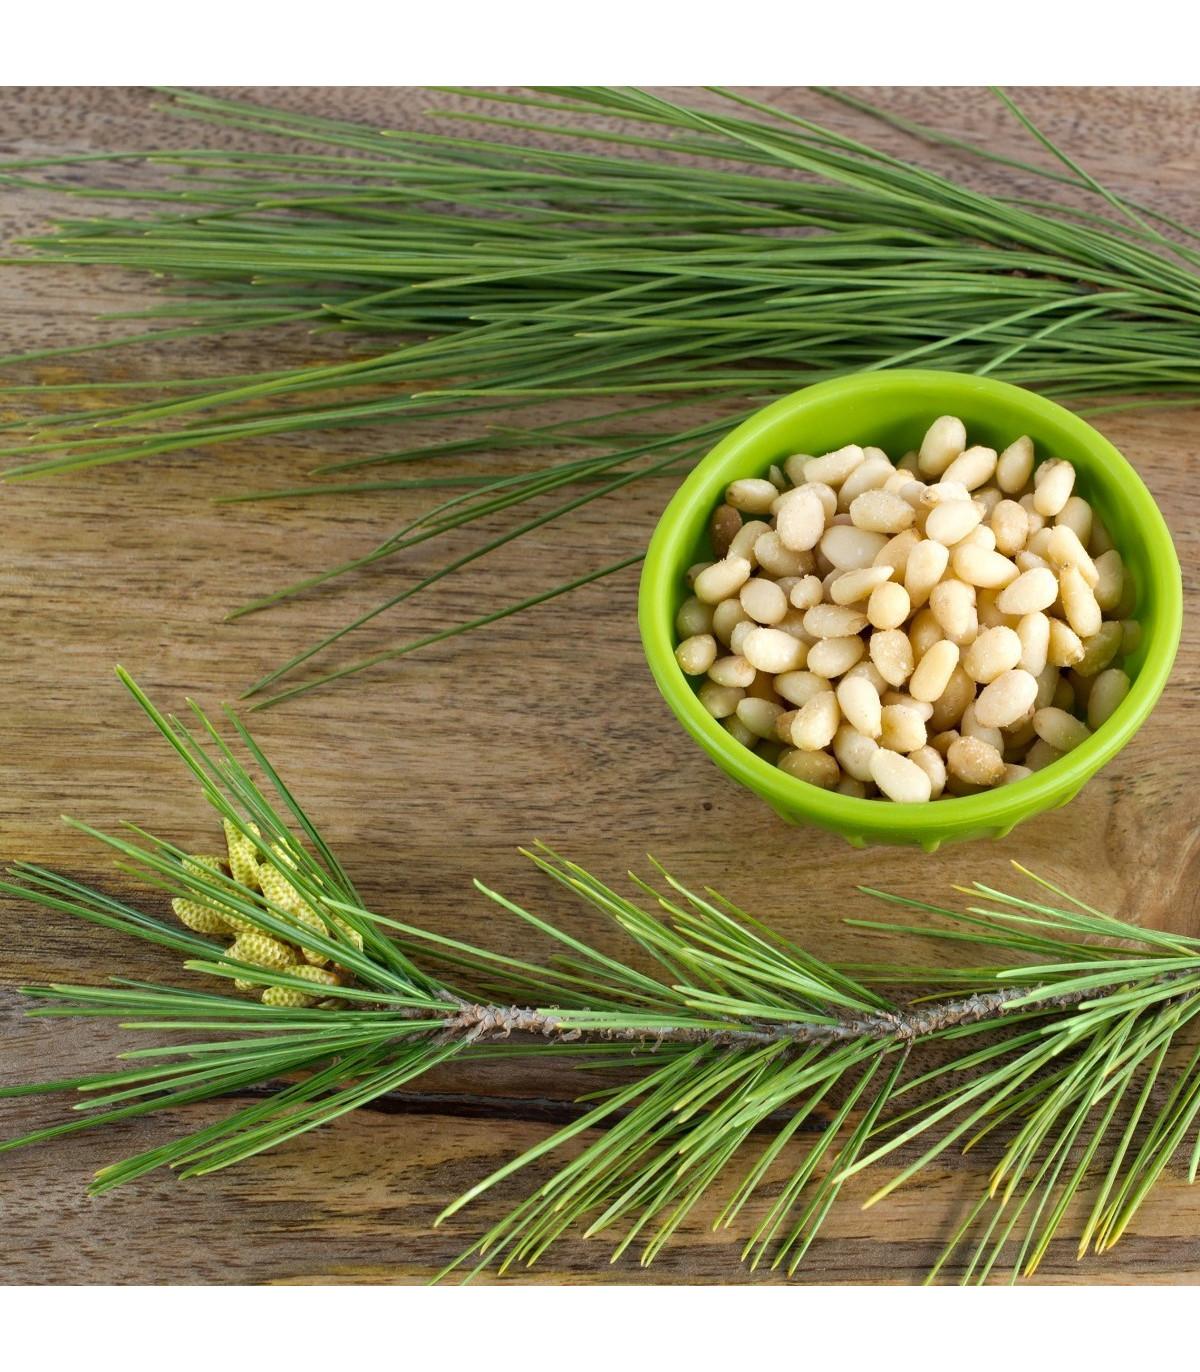 Borovice gerardiana - Pinus gerardiana - semena borovice - 5 ks